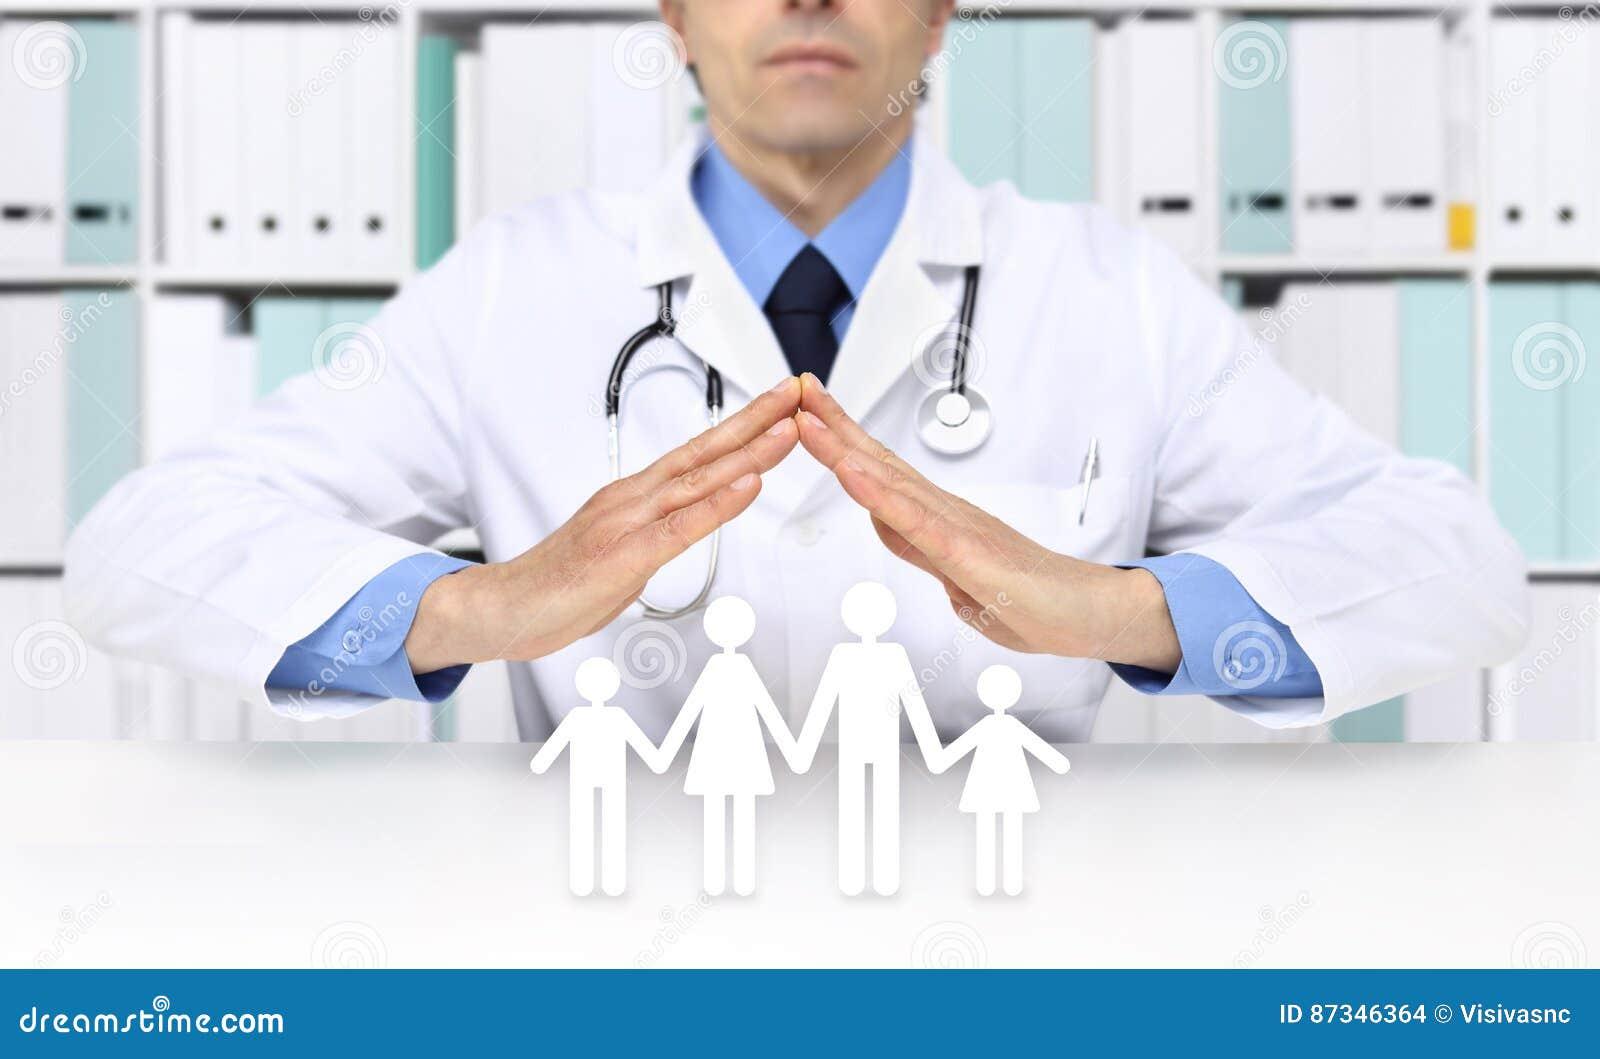 Medisch ziektekostenverzekeringconcept, artsenhanden met familiepictogrammen